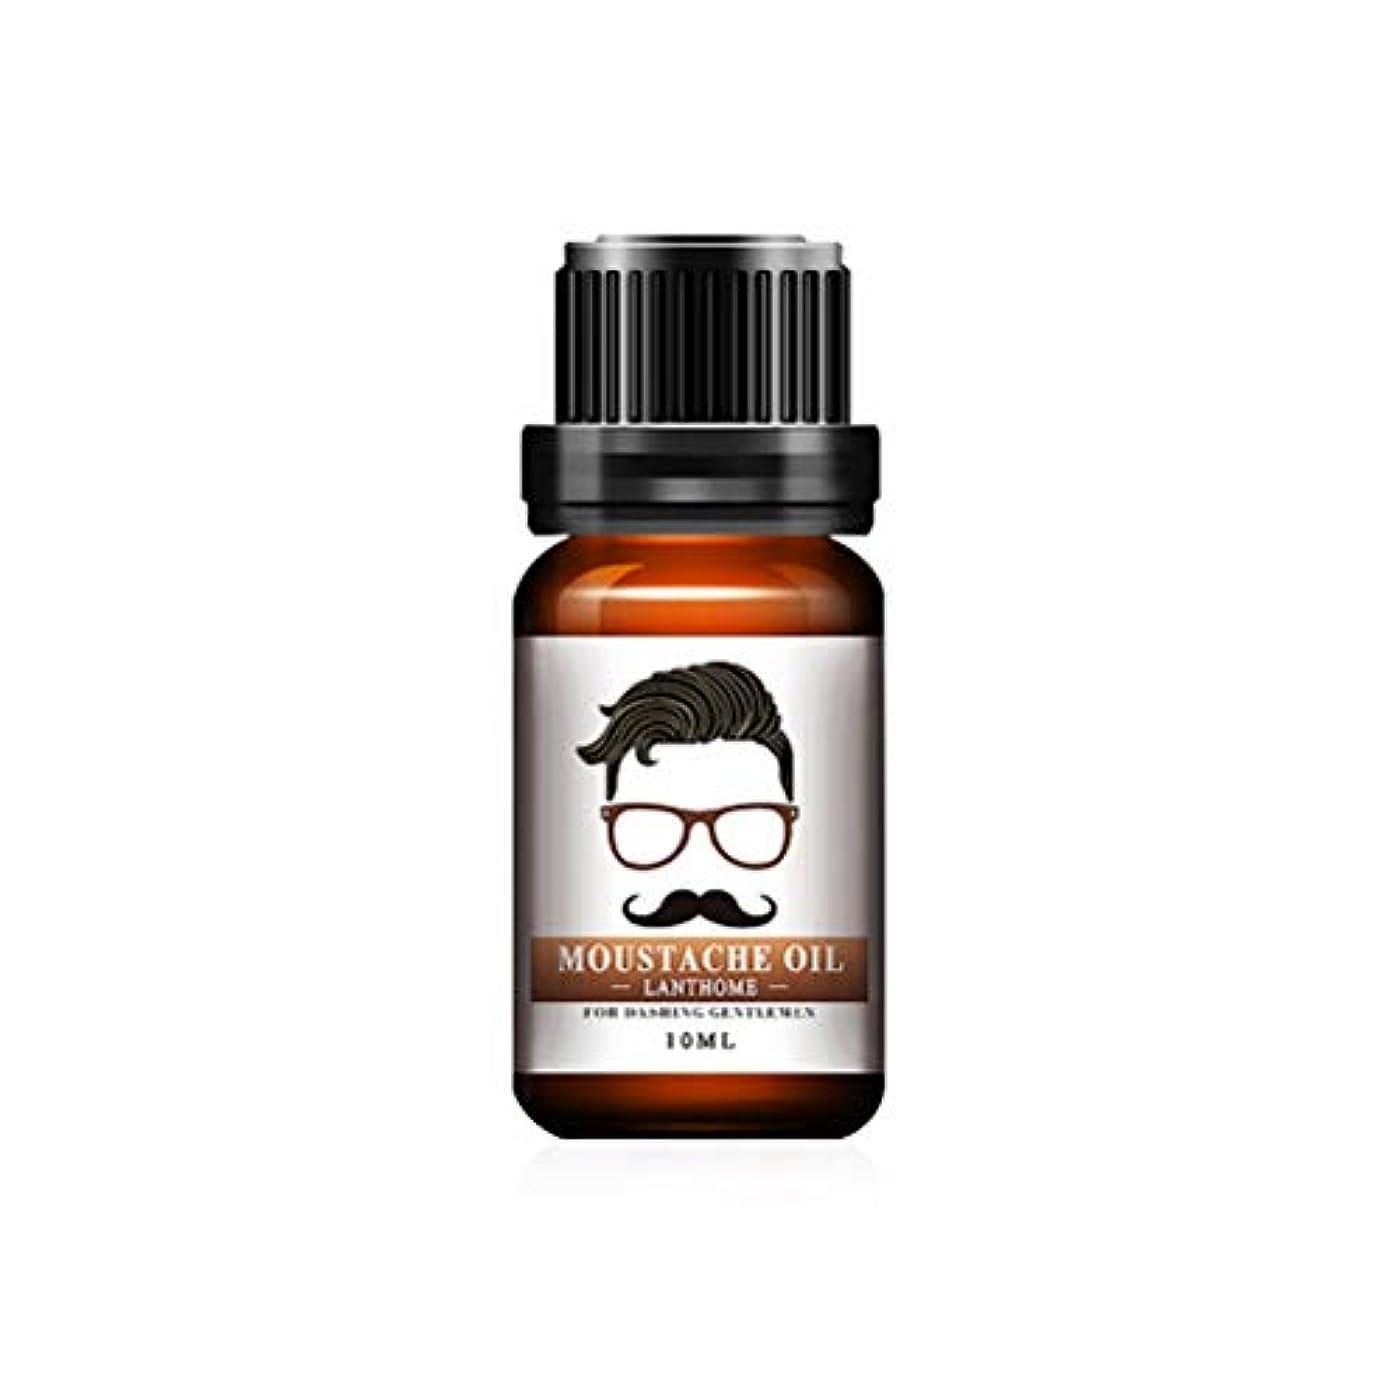 本当に確立エンドウOurine ヒゲ肌用美容液 ひげ生長液 調理 無添加 口髭成長用 トリートメント液 植物油 保湿 コンディショナー ひげ油 ひげオイル ヘア ナチュラル